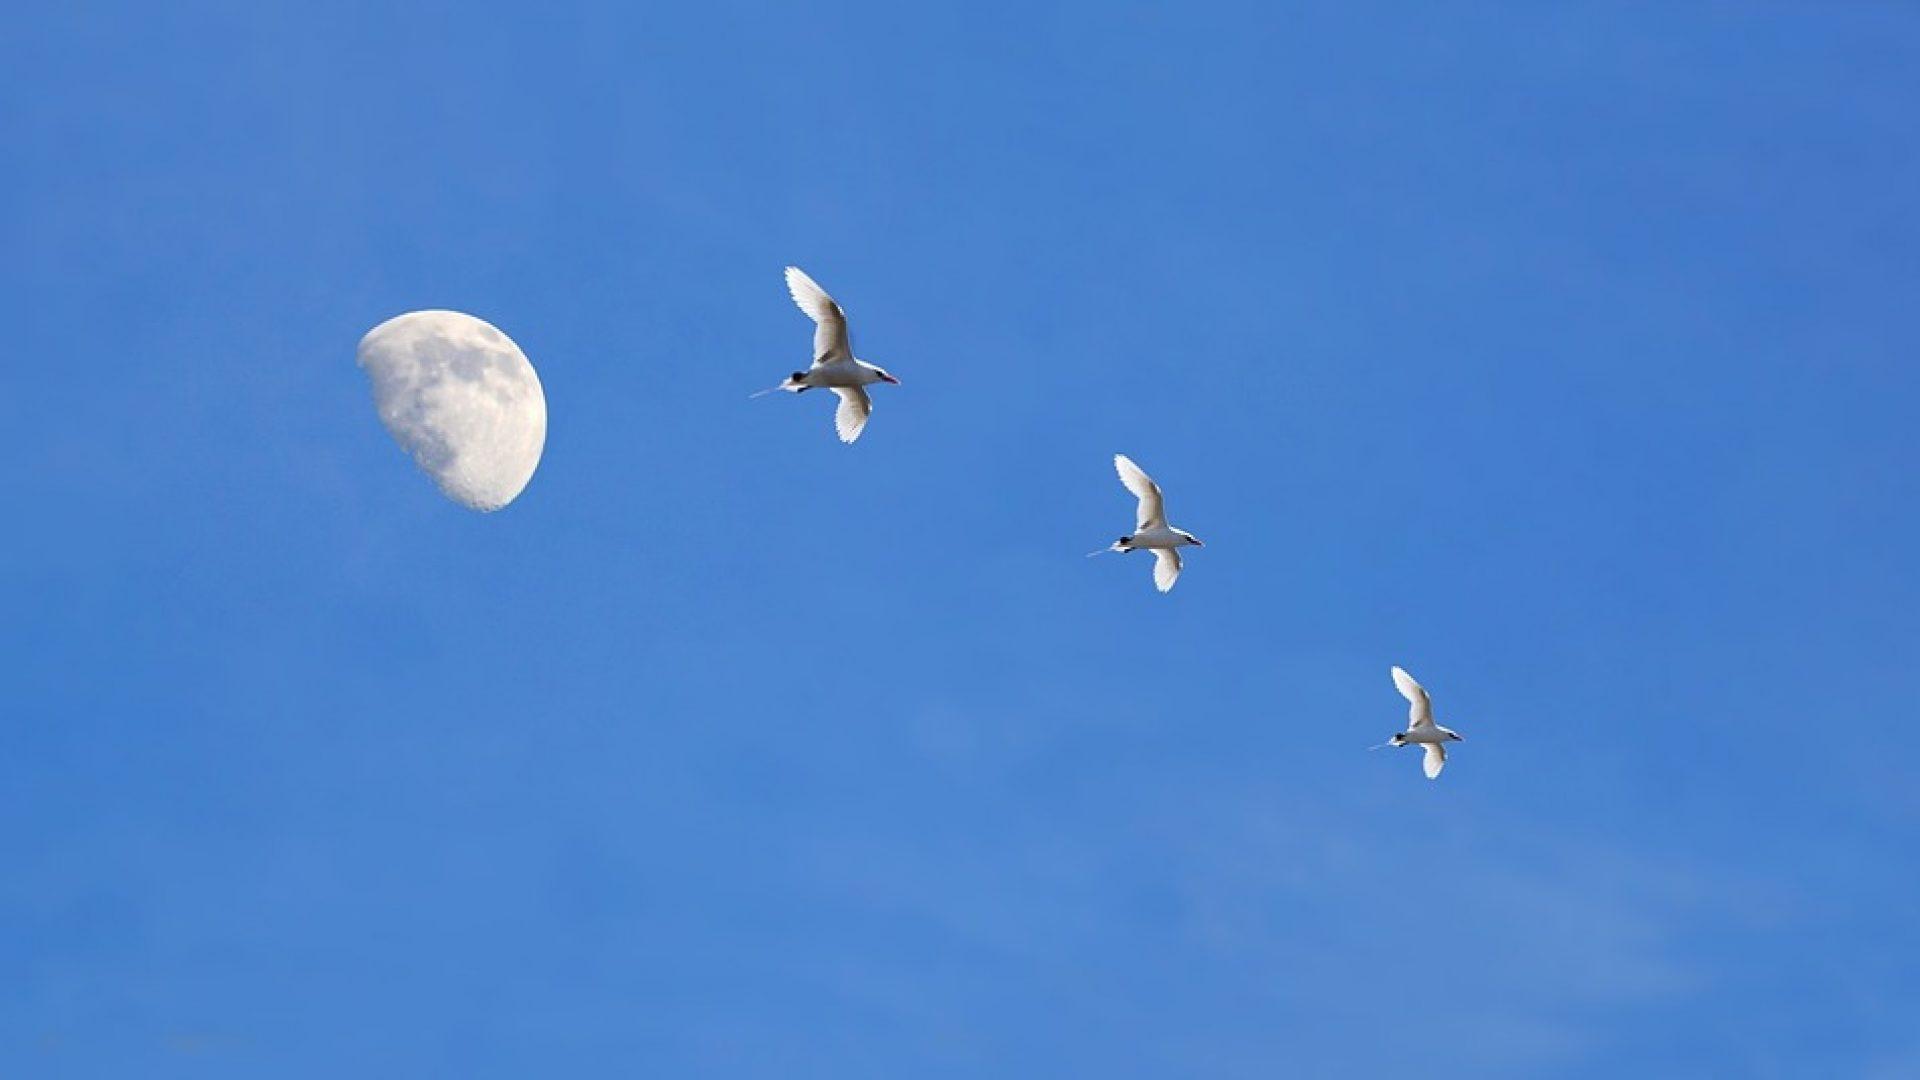 anief abruzzo contatti sky - photo#43